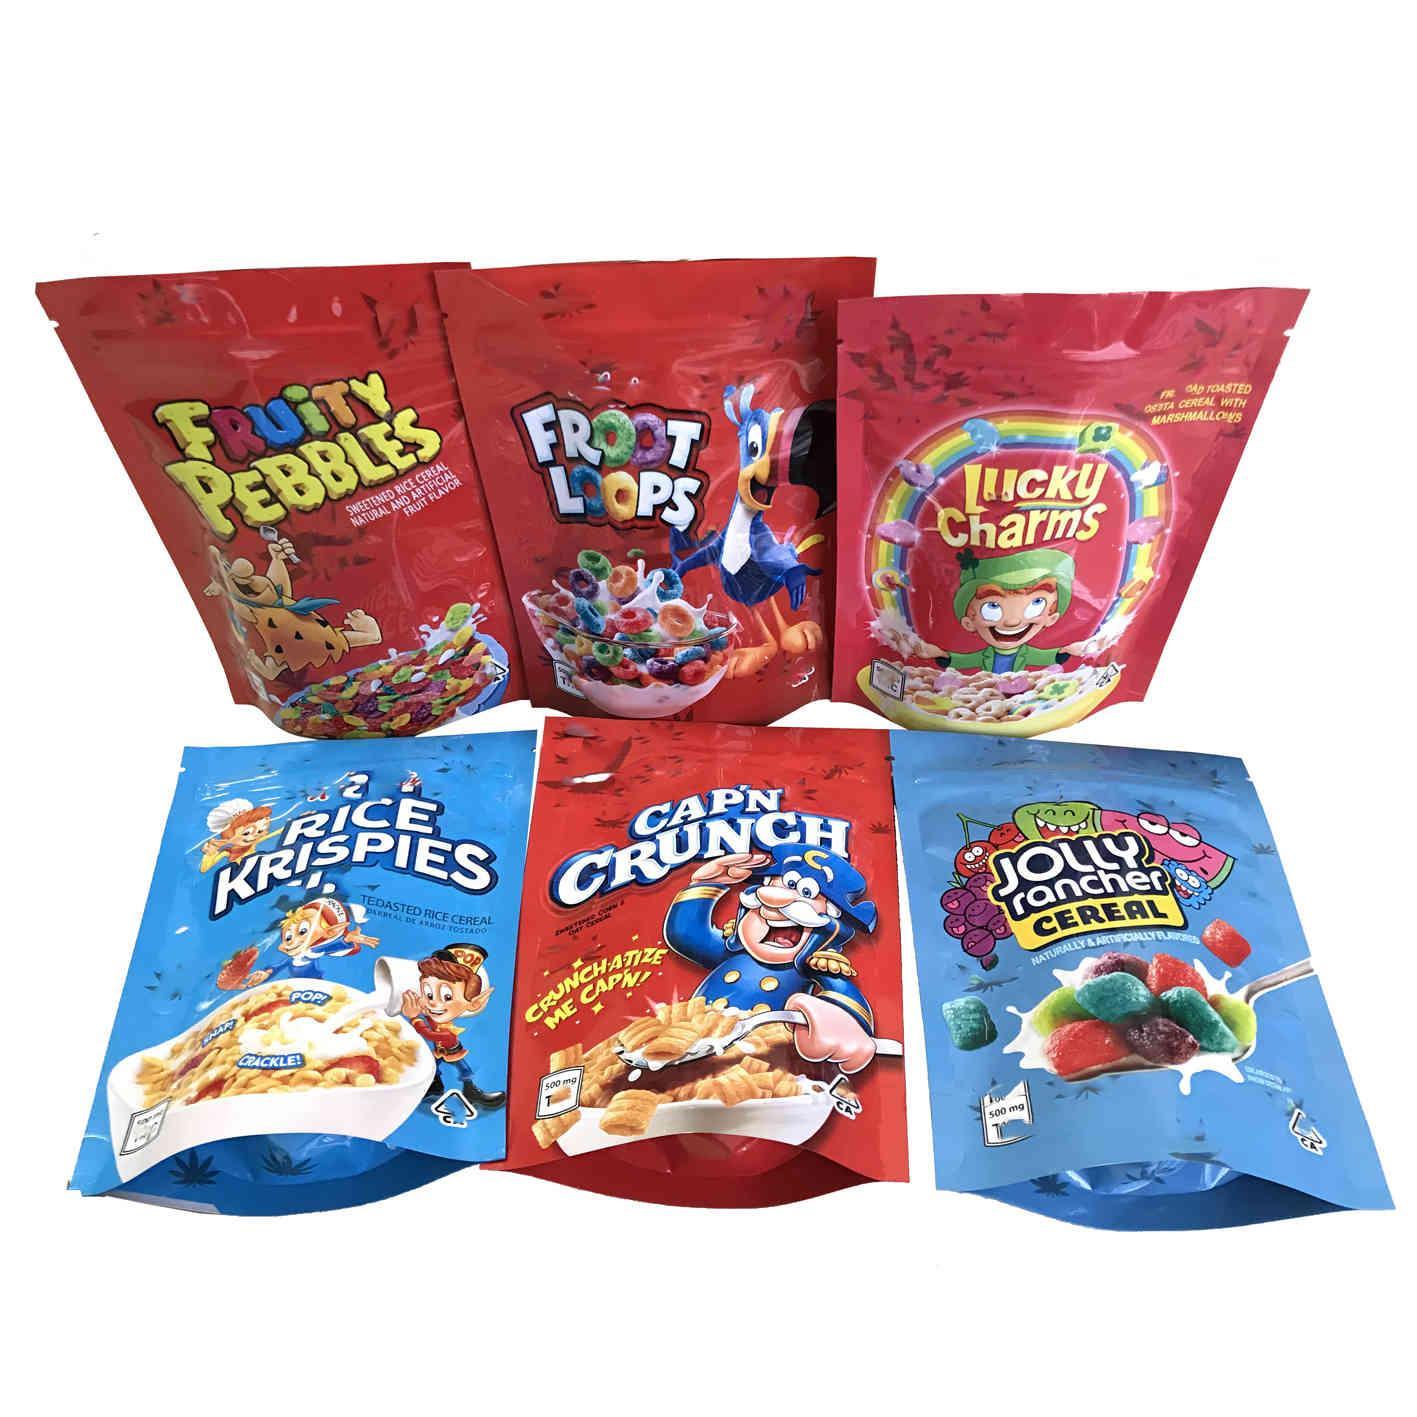 Leere glückliche Reize Taschen Frostschlaufen Cap'n Crunch fruchtige Kieselsteine Jolly Rancher Getreide Rice Krispies geröstet Mylar Tasche Verpackung AV14